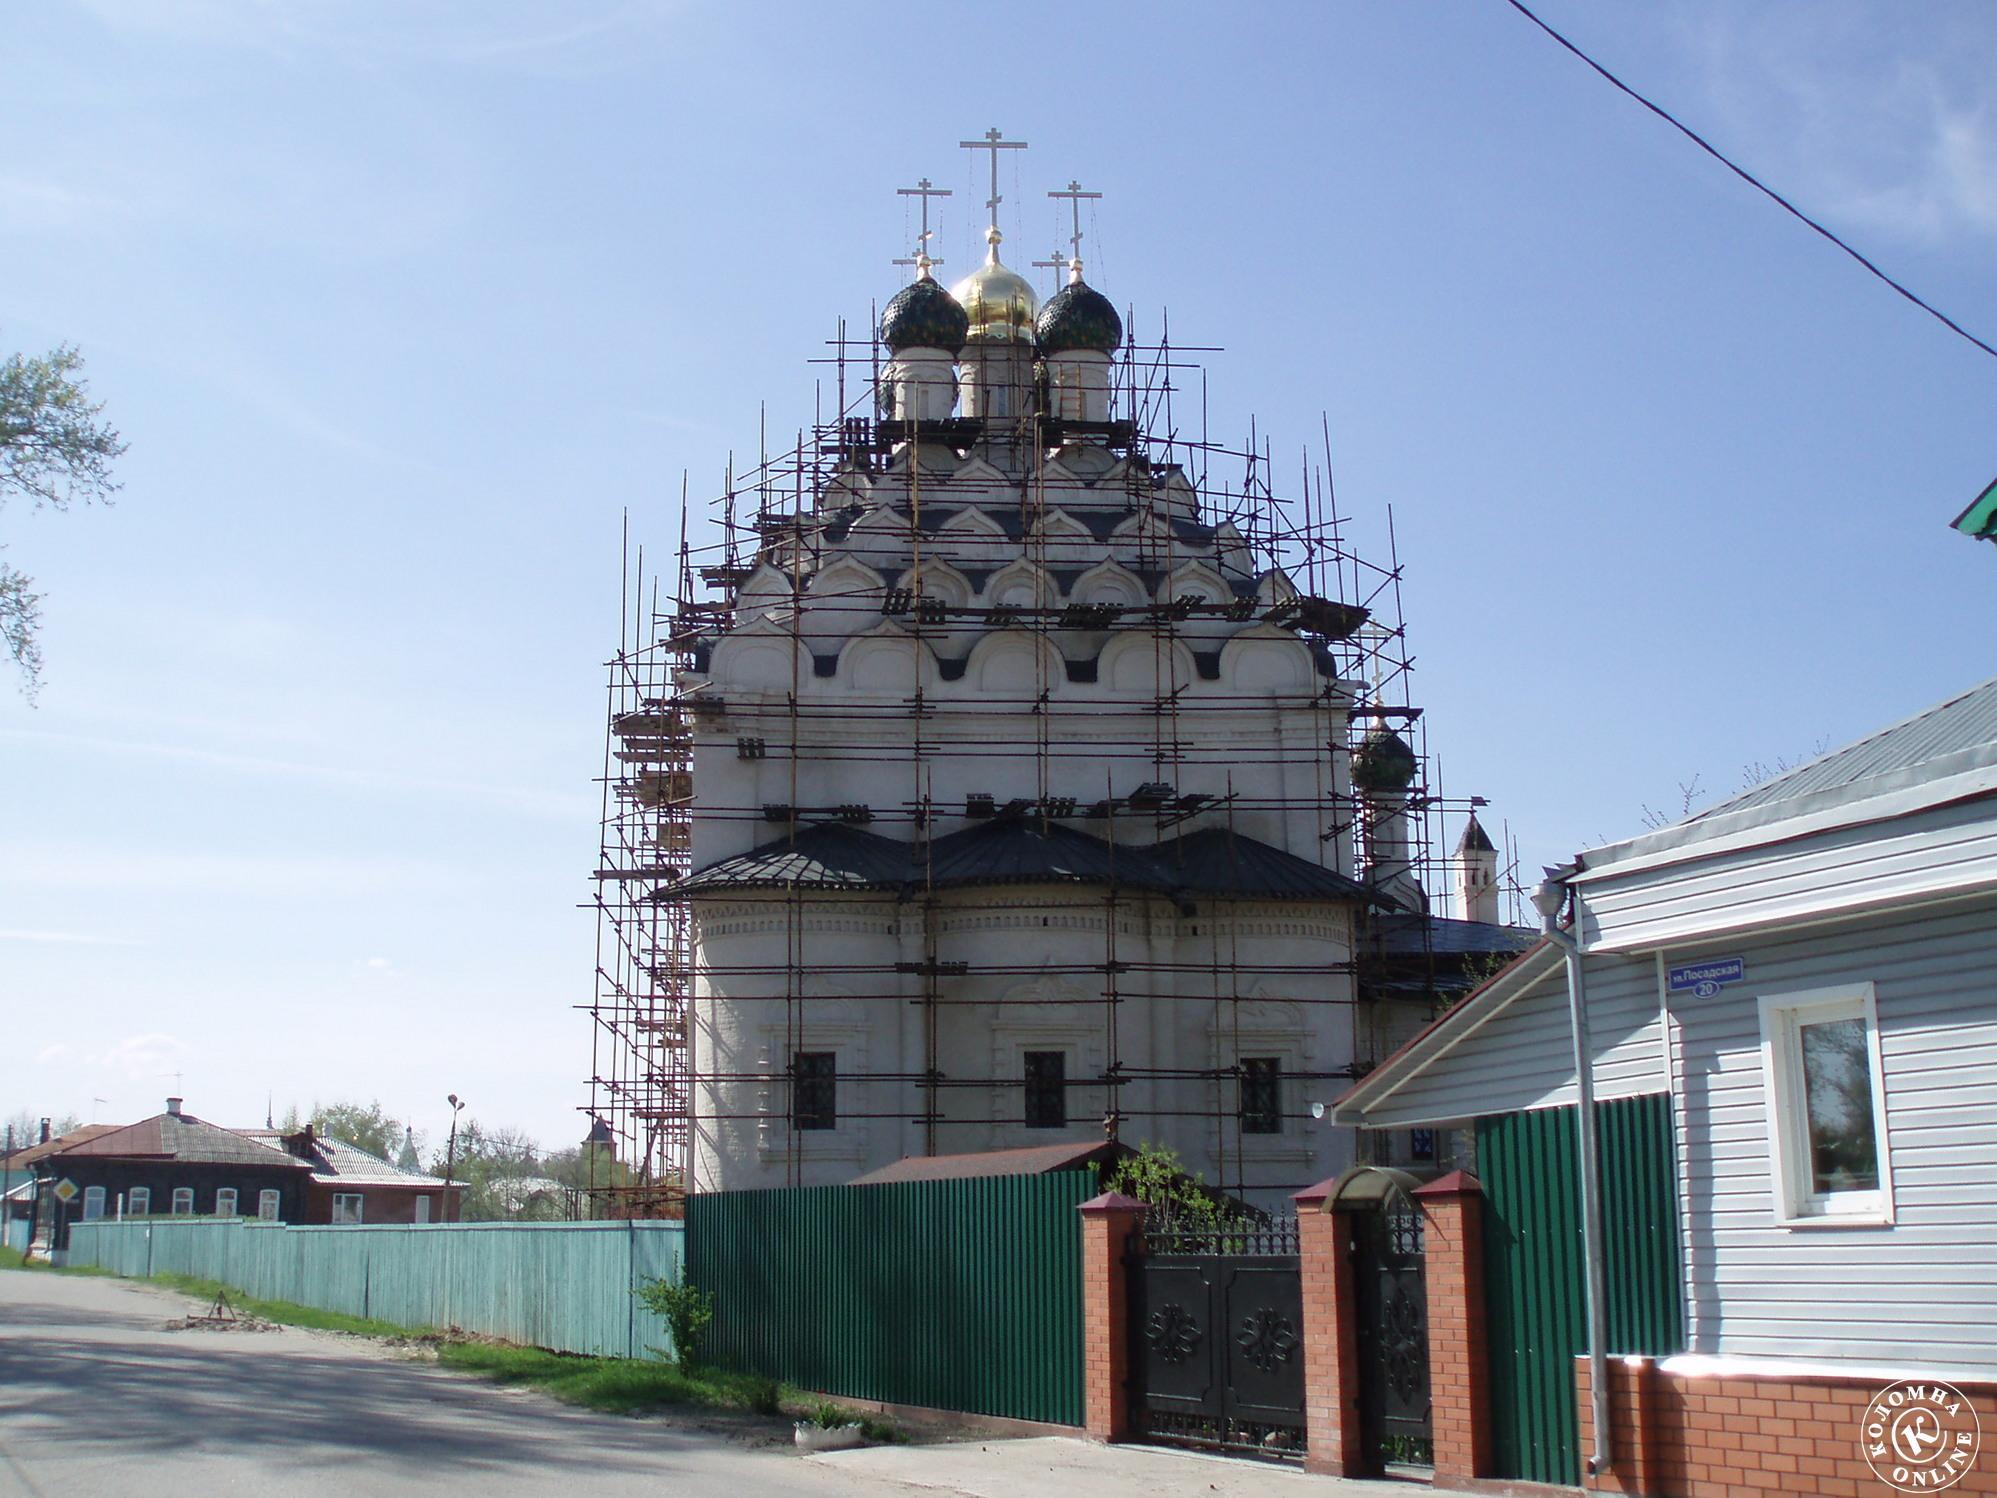 Внимание❗ Кадастровая палата по Московской области временно приостанавливает личный приём граждан